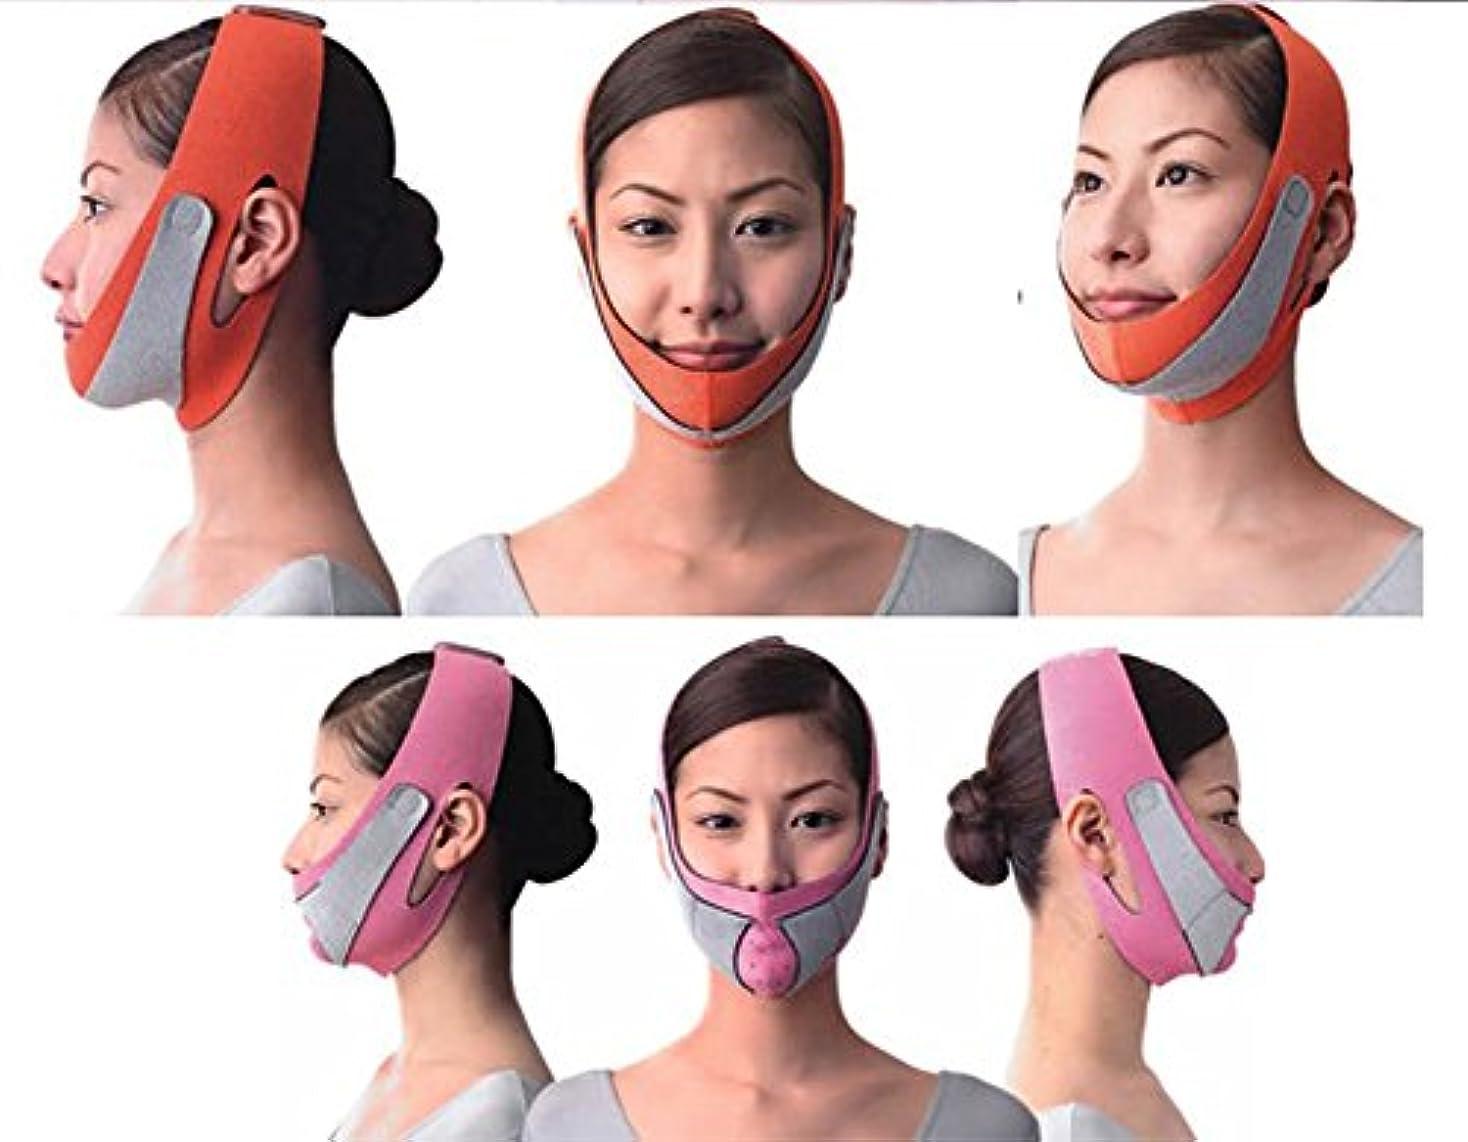 アーク程度ジョガー引き上げマスク 頬のたるみ 額、顎下、頬リフトアップ ピンク グレー 弾力V-ラインマスク 引っ張る リフティング フェイス リフトスリムマスク 美容 フェイスマスク